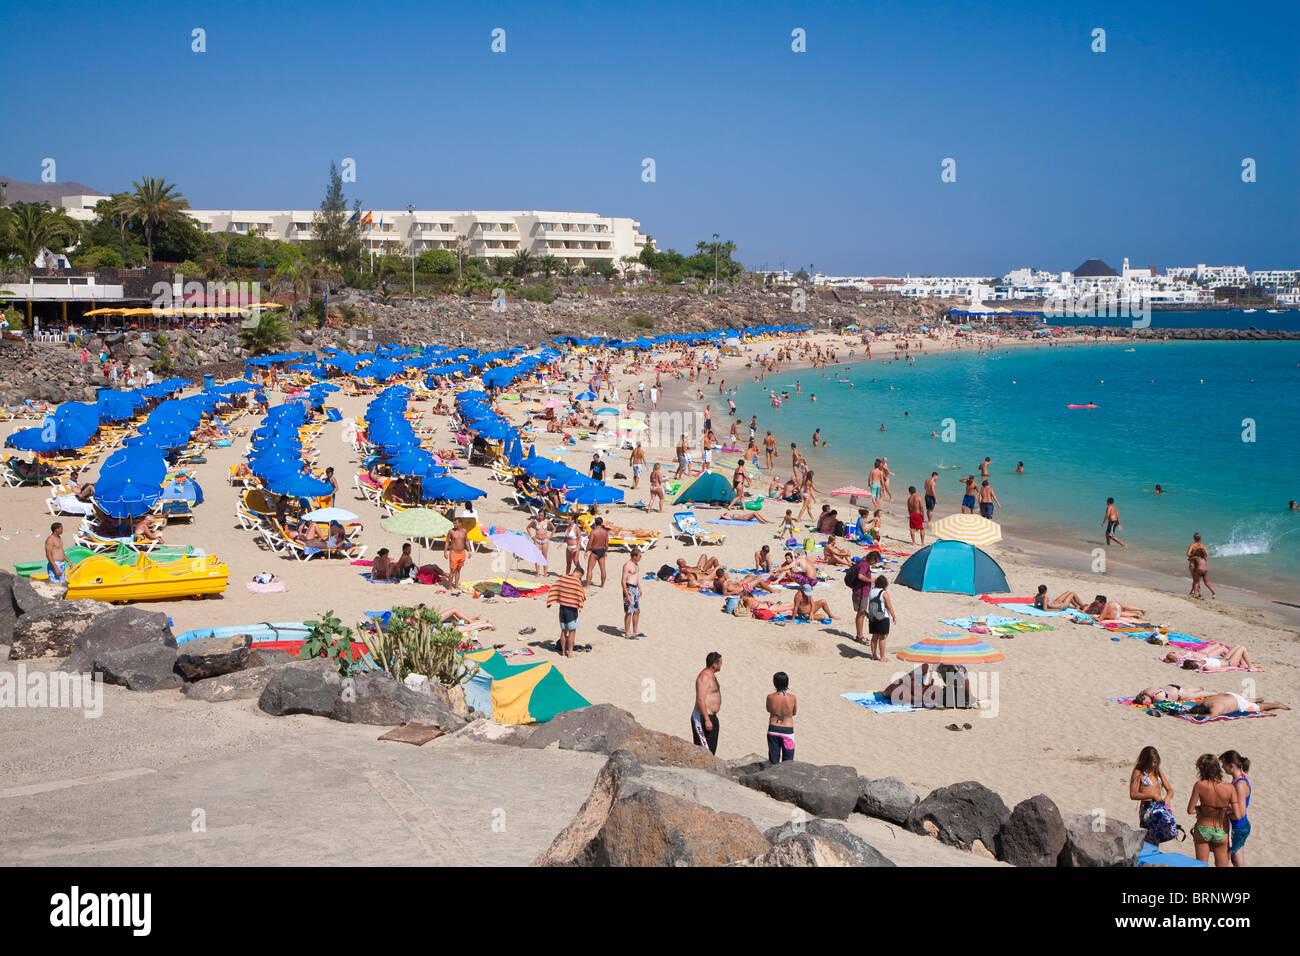 Playa Dorada beach, Playa Blanca, Lanzarote - Stock Image